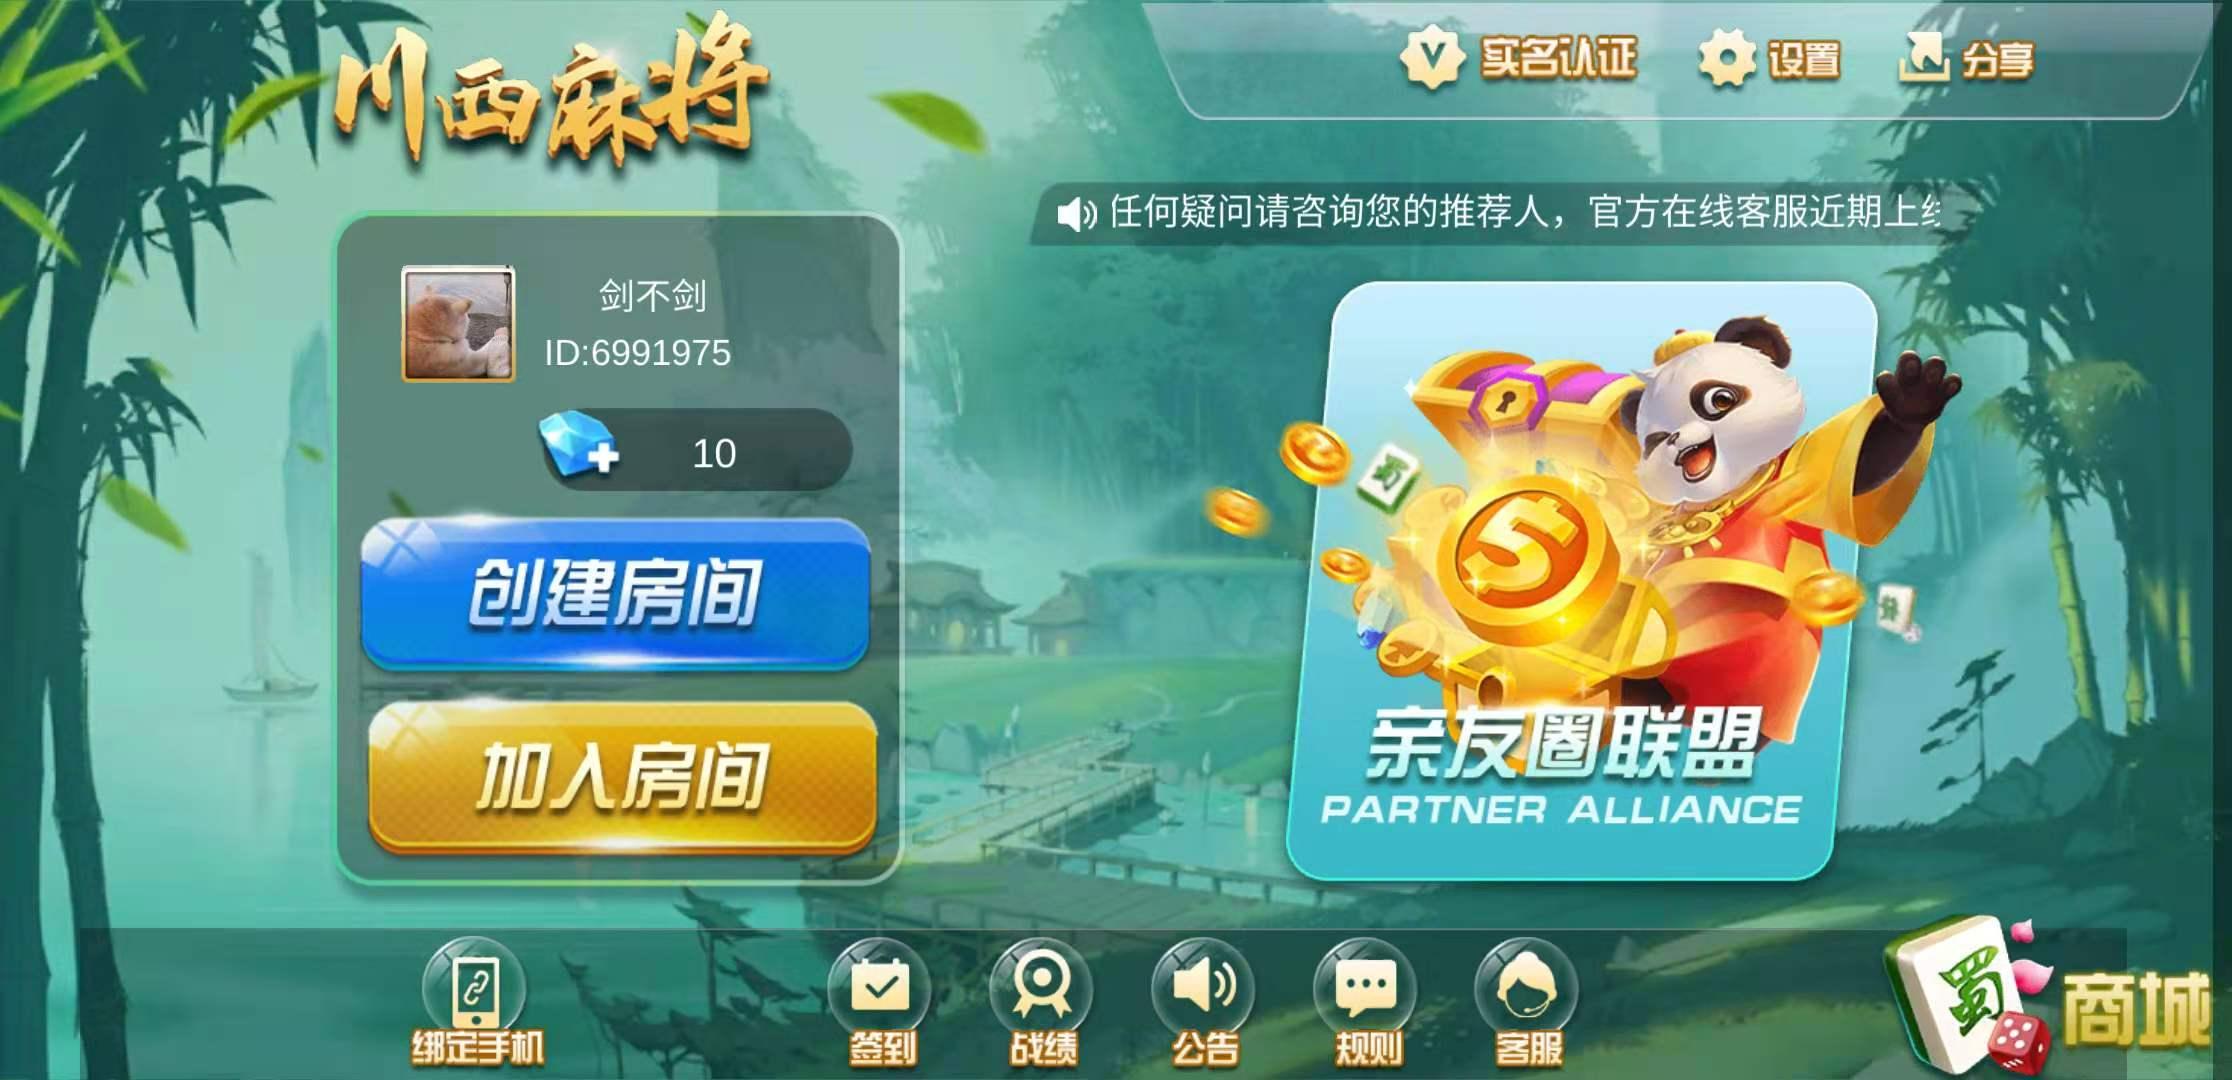 杭州棋牌游戏软件开发,棋牌app定制开发有哪些要素?